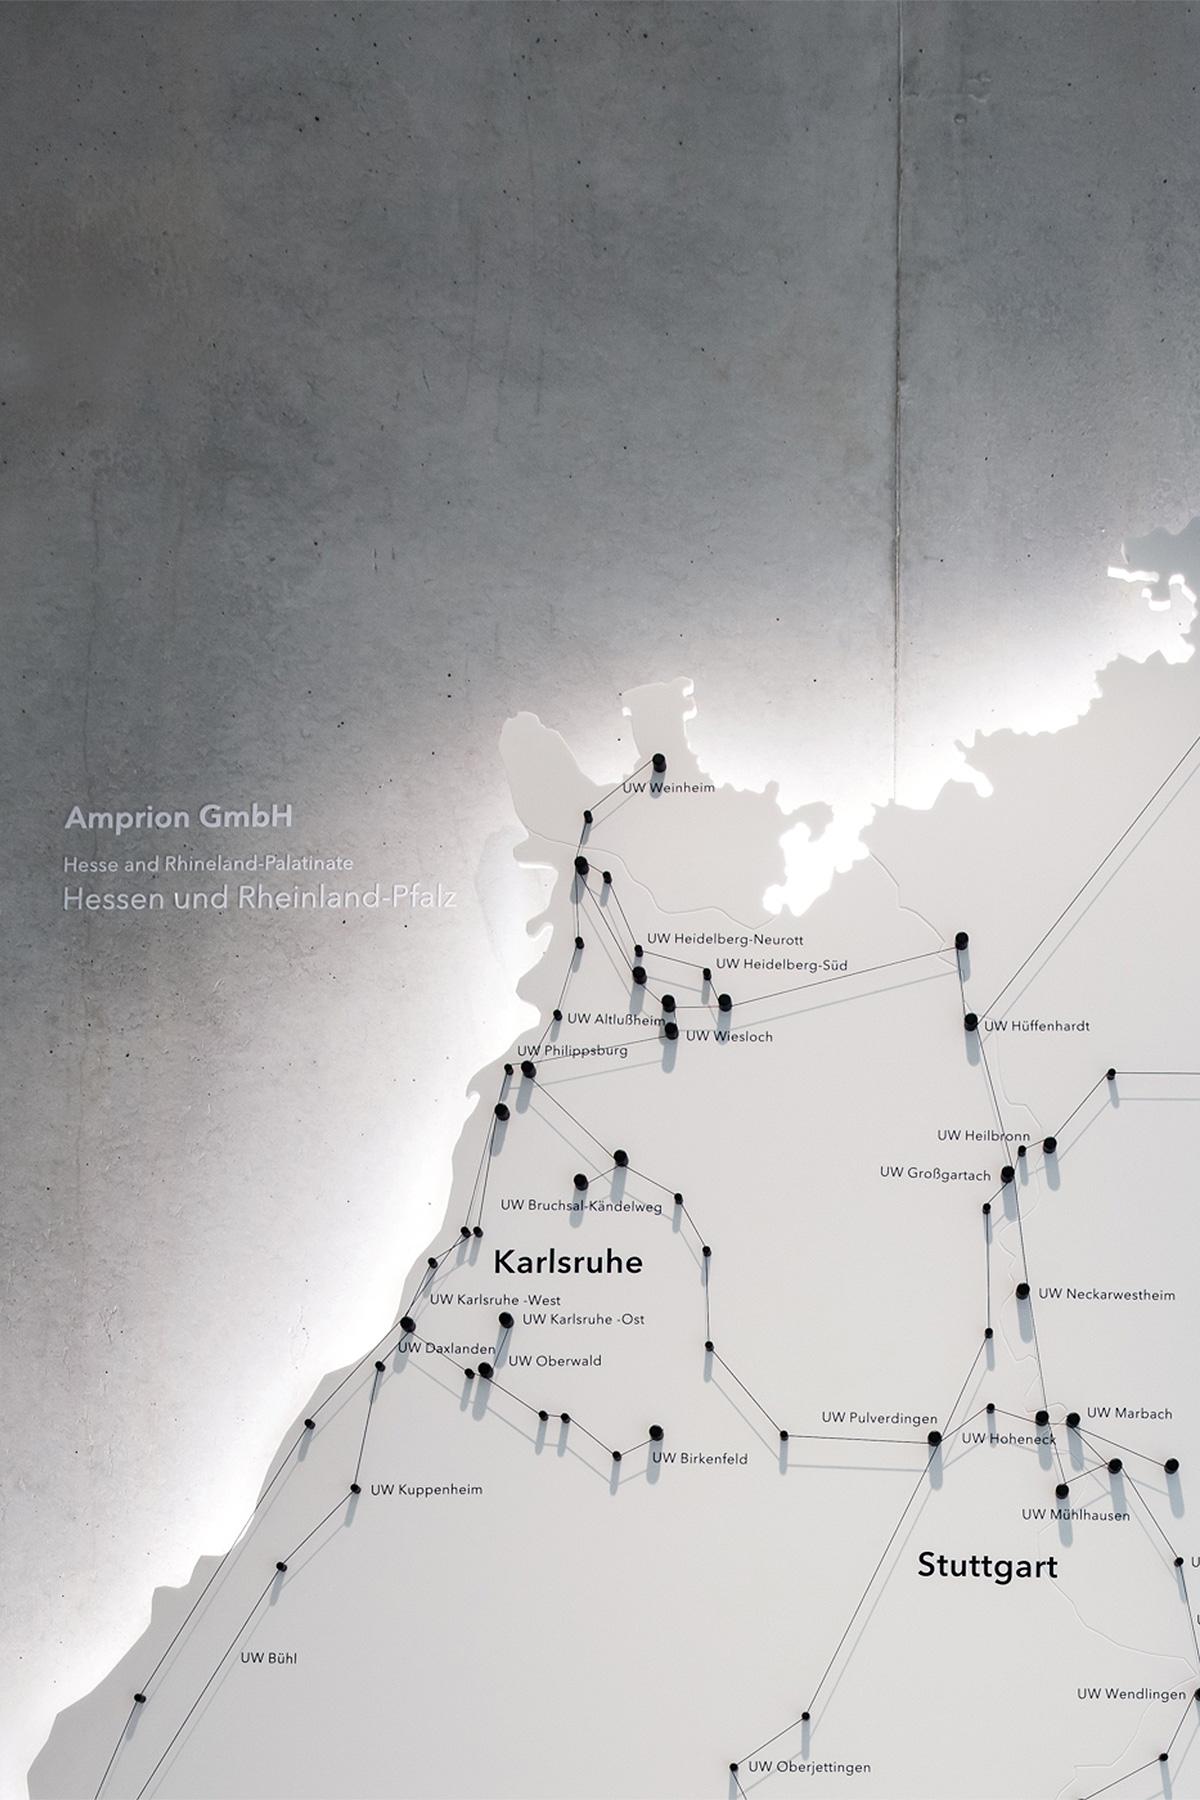 TransnetBW Kartendetail